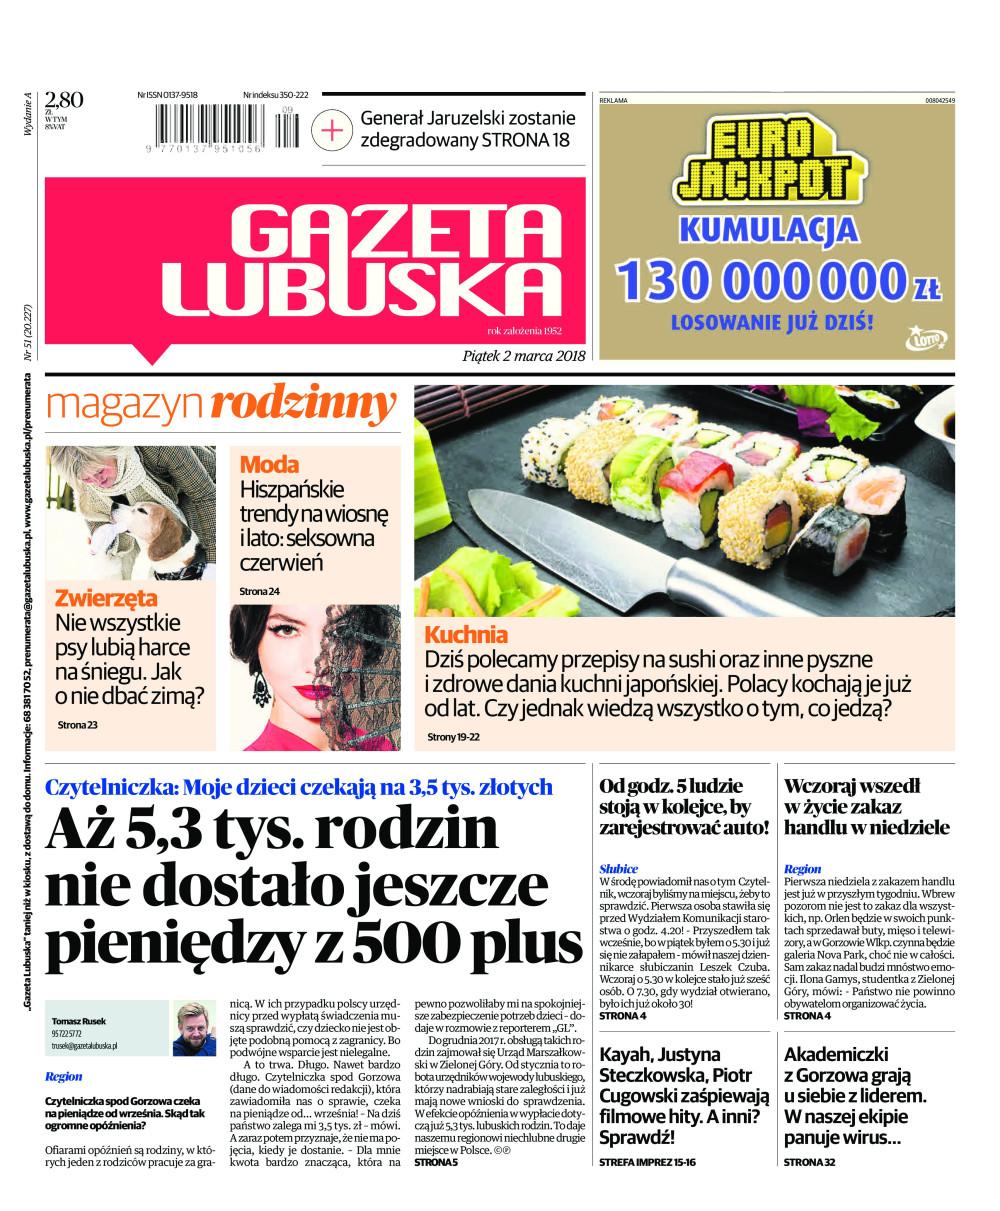 Gazeta Lubuska A Zielona Góra świebodzin Krosno